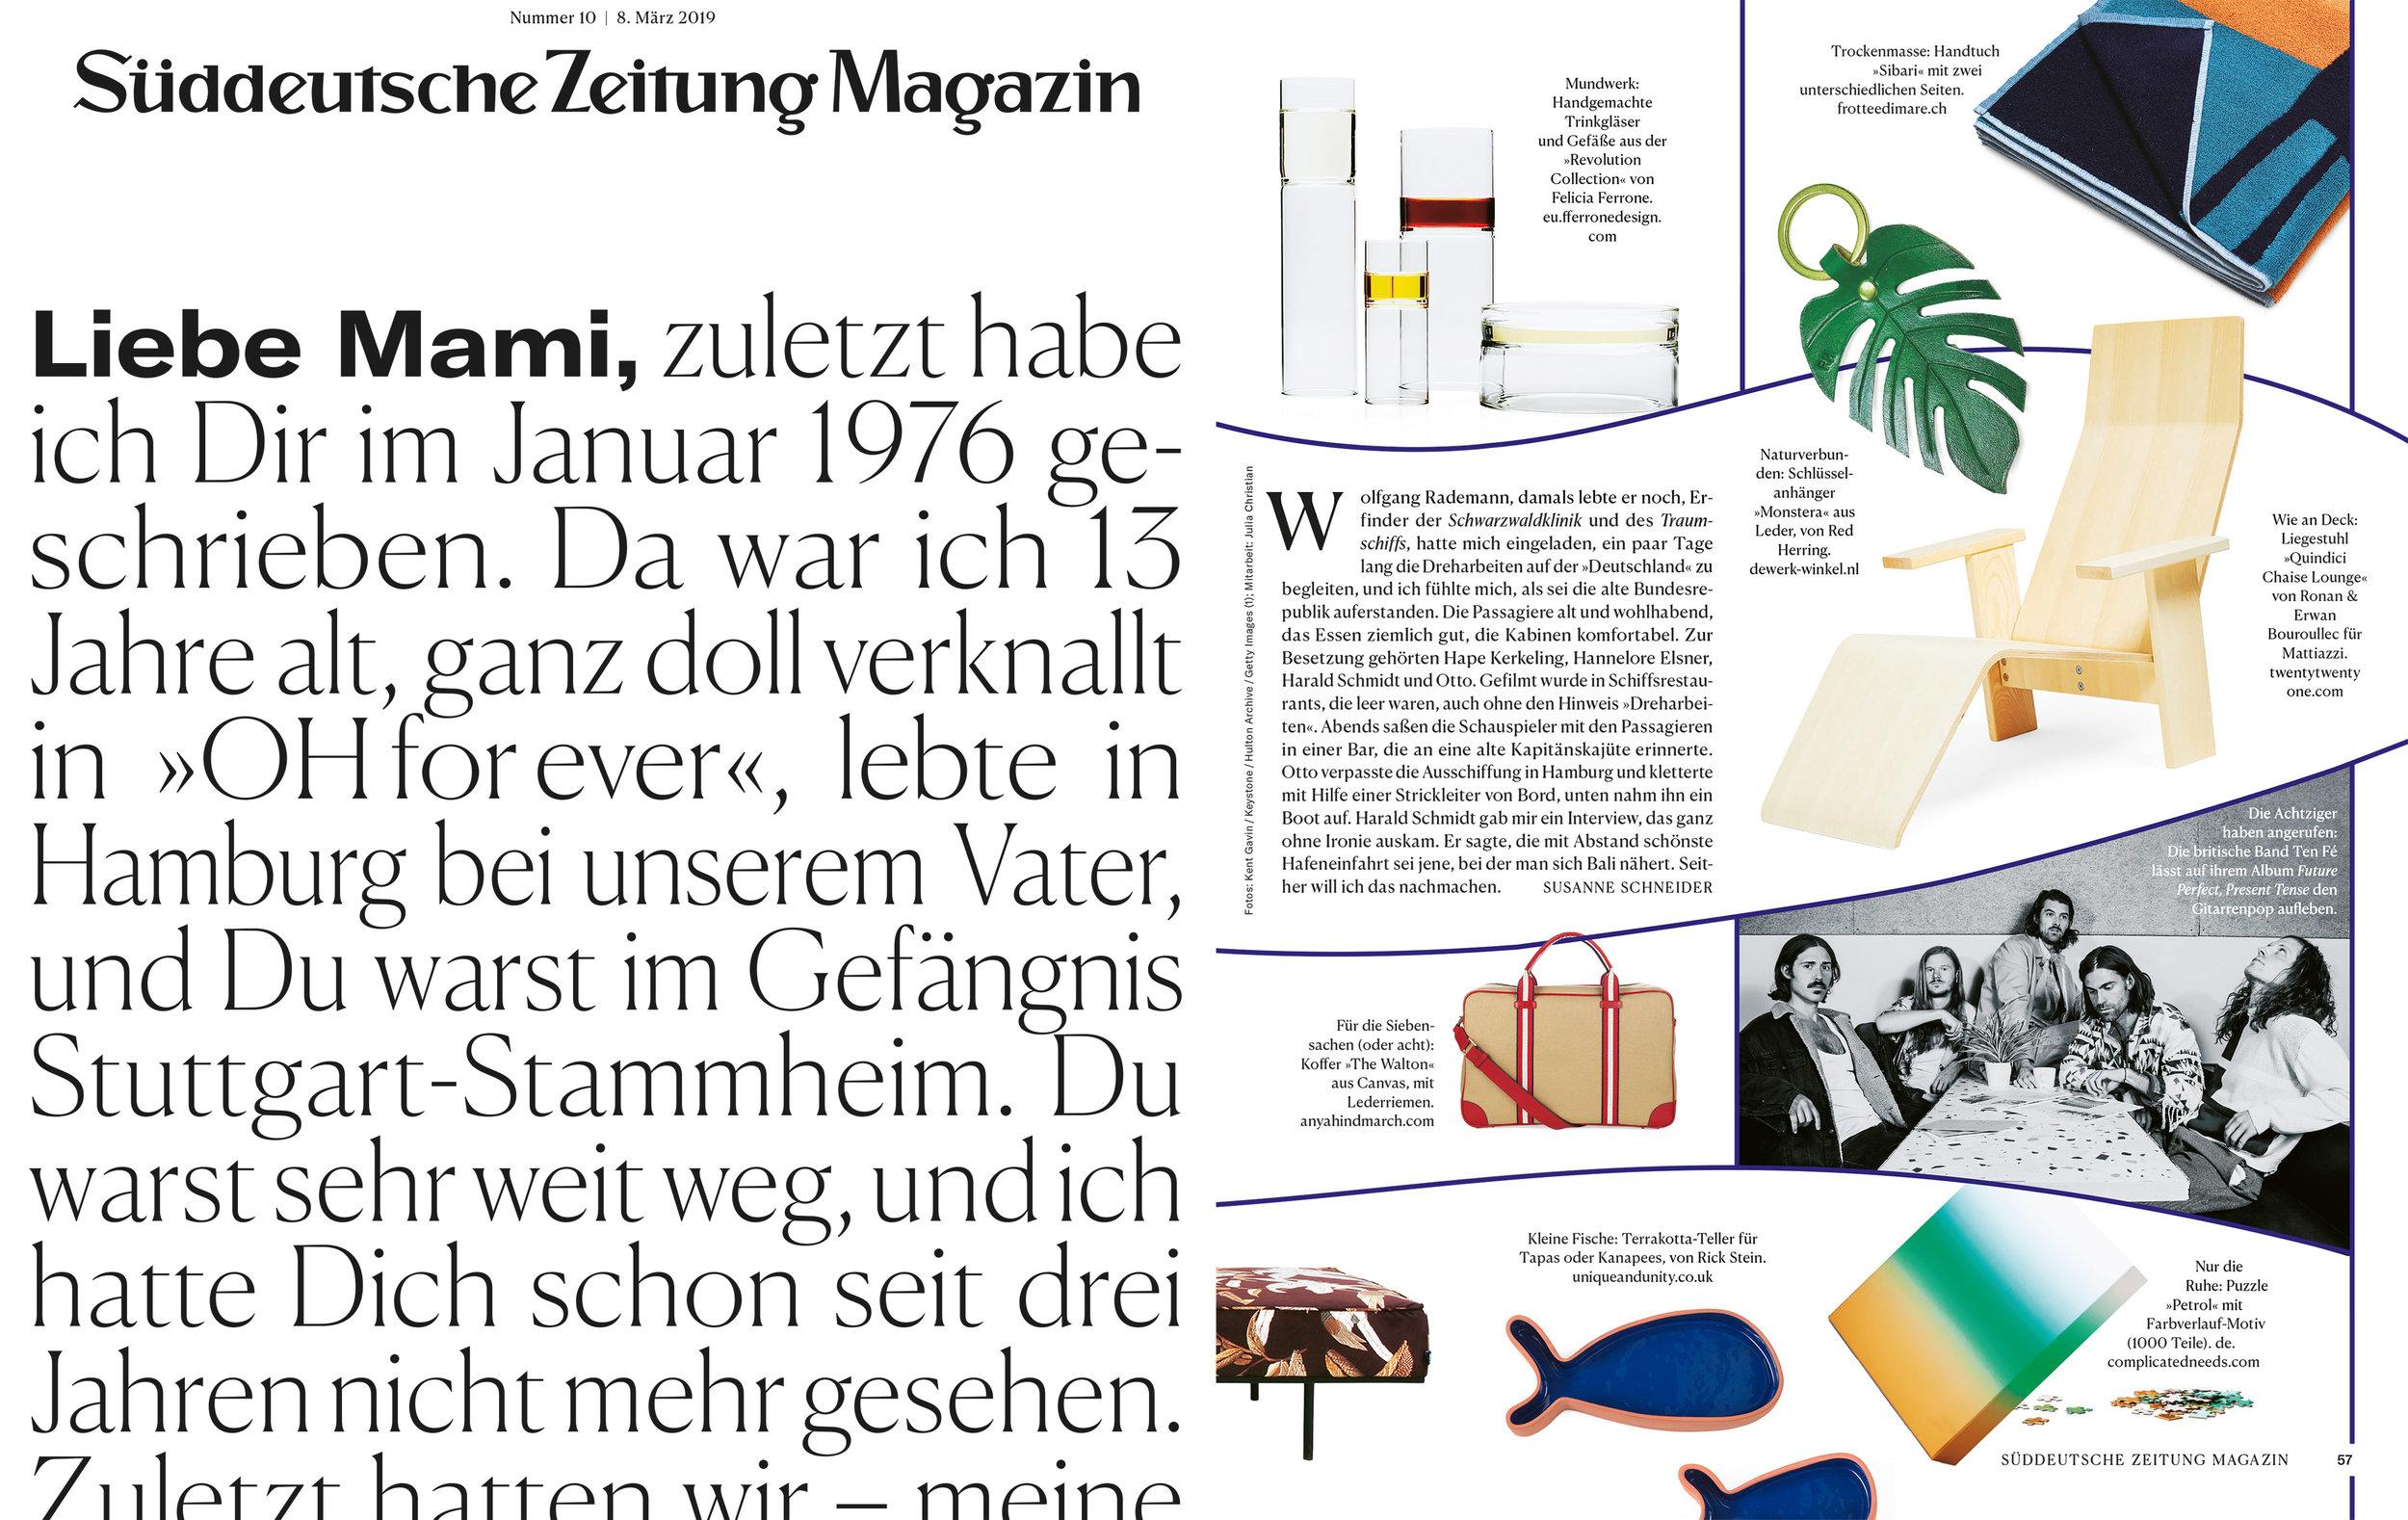 SZ Magazin – Nr. 10, März 2019